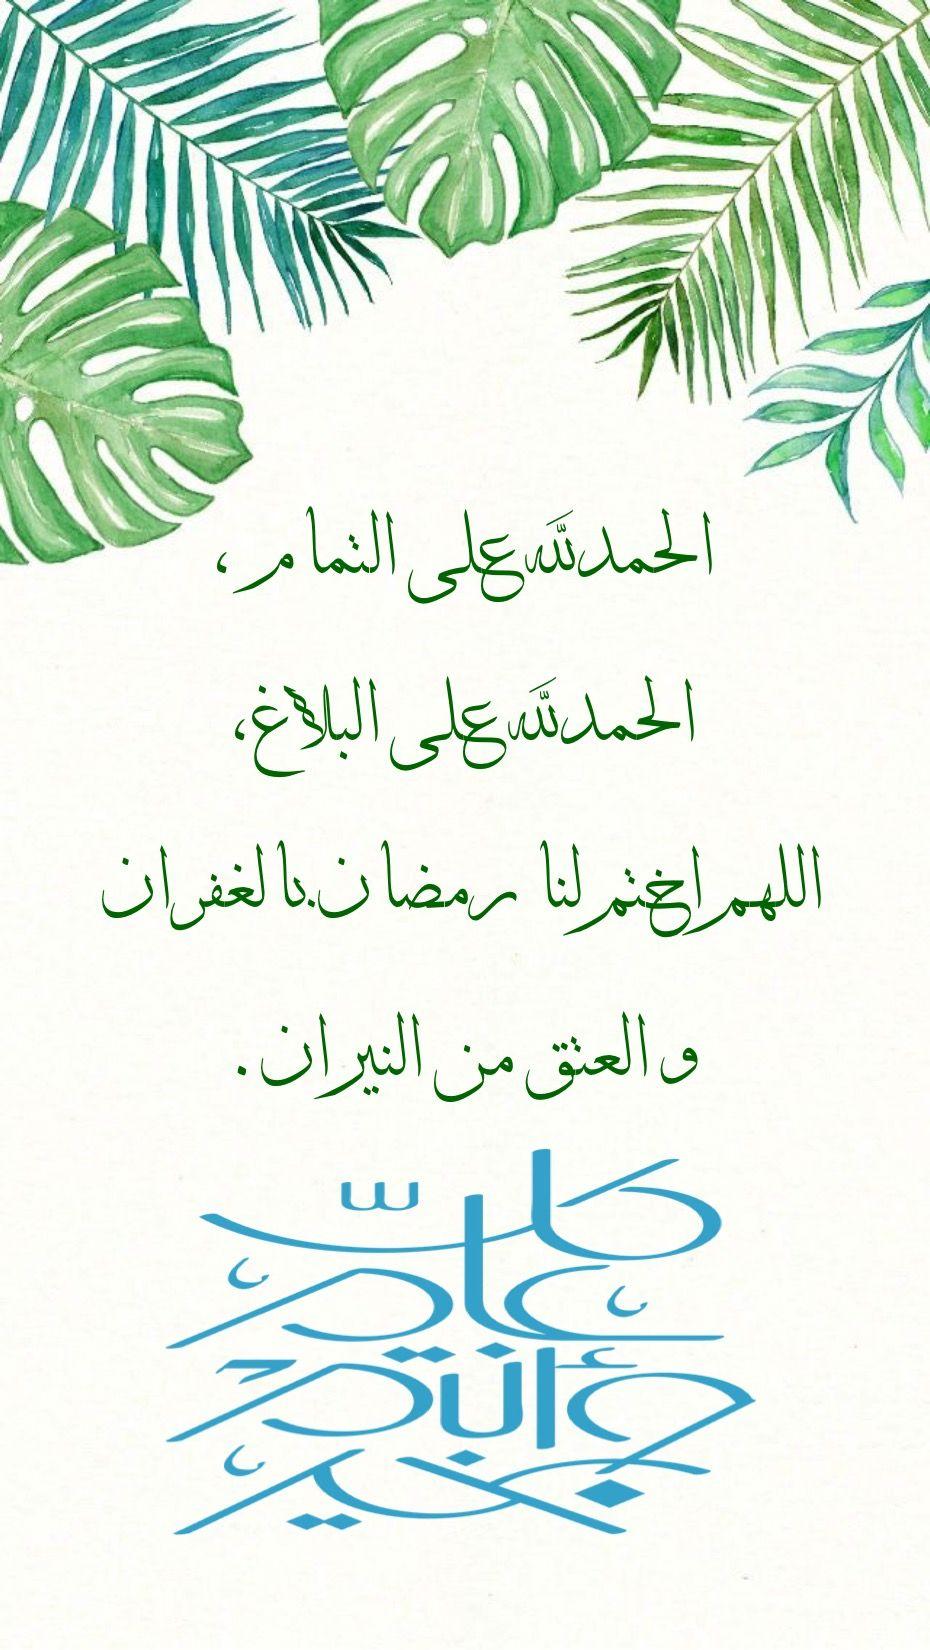 رمضانيات ١٤٤٠هـ Happy Eid Islamic Quotes Quran Islamic Quotes